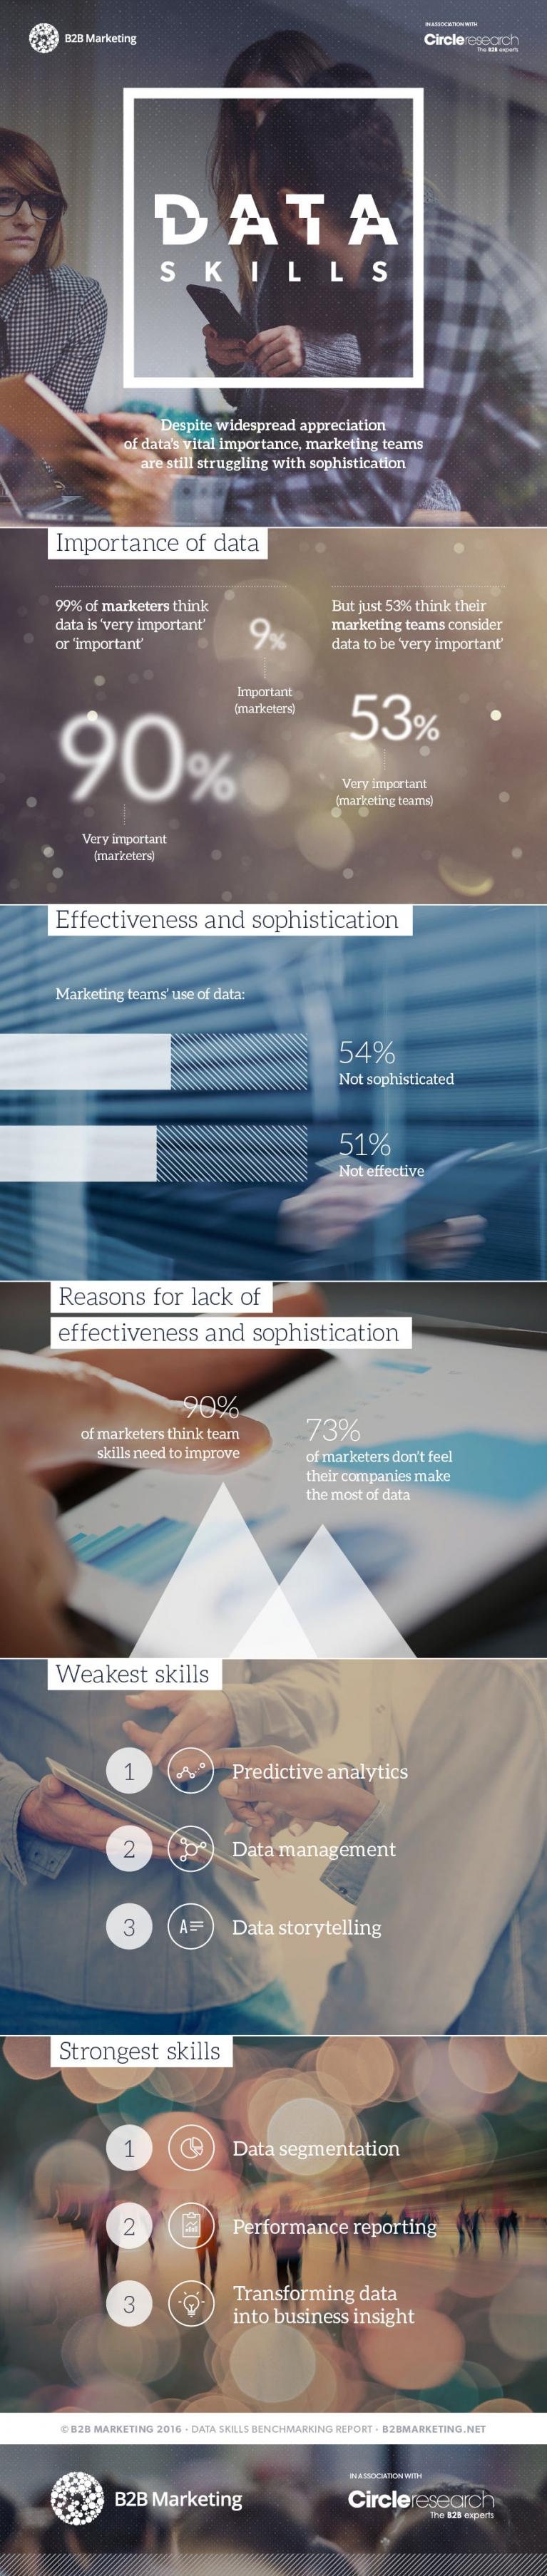 B2B Marketing's Data Skills Benchmarking Report